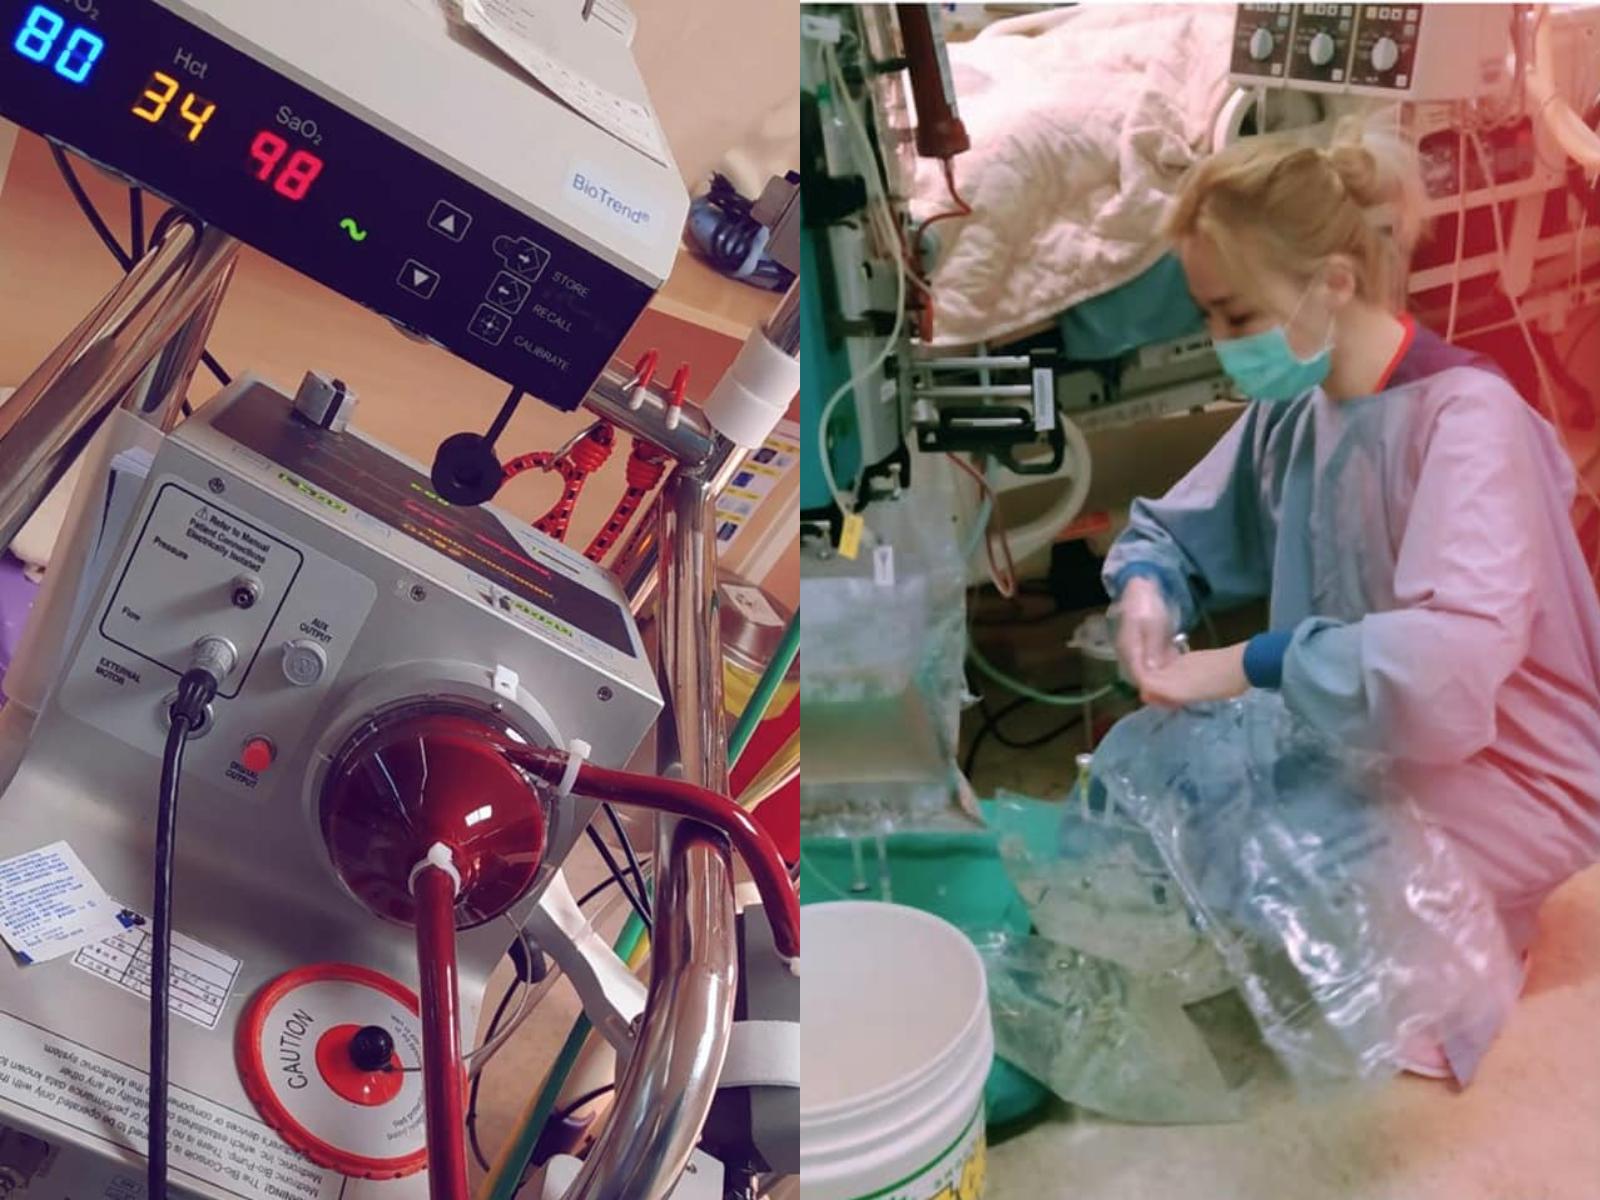 ICU搶命中!大媽狂吼:我爸要喝水,妳不就是顧機器抄表哪有那麼忙?護理師爆氣:尊重專業-ECMO葉克膜